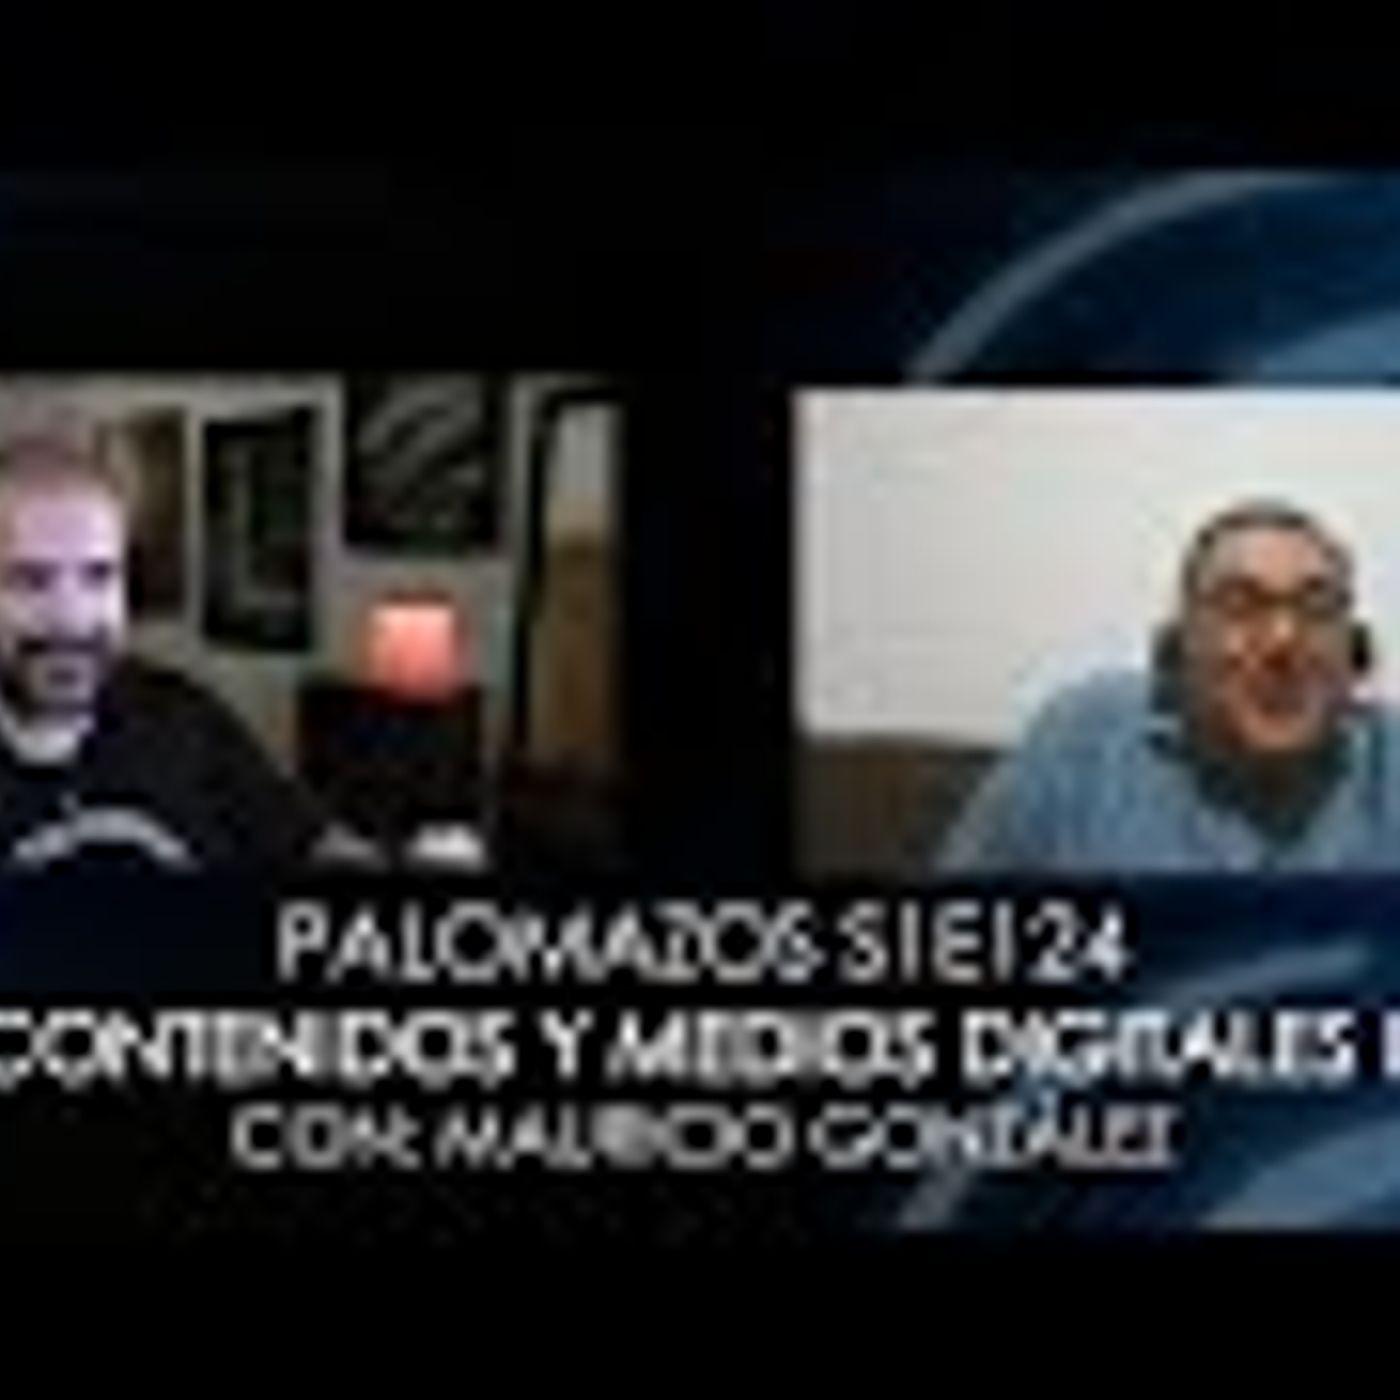 Palomazos S1E124 - Contenidos y Medios Digitales III (Con Mauricio González)